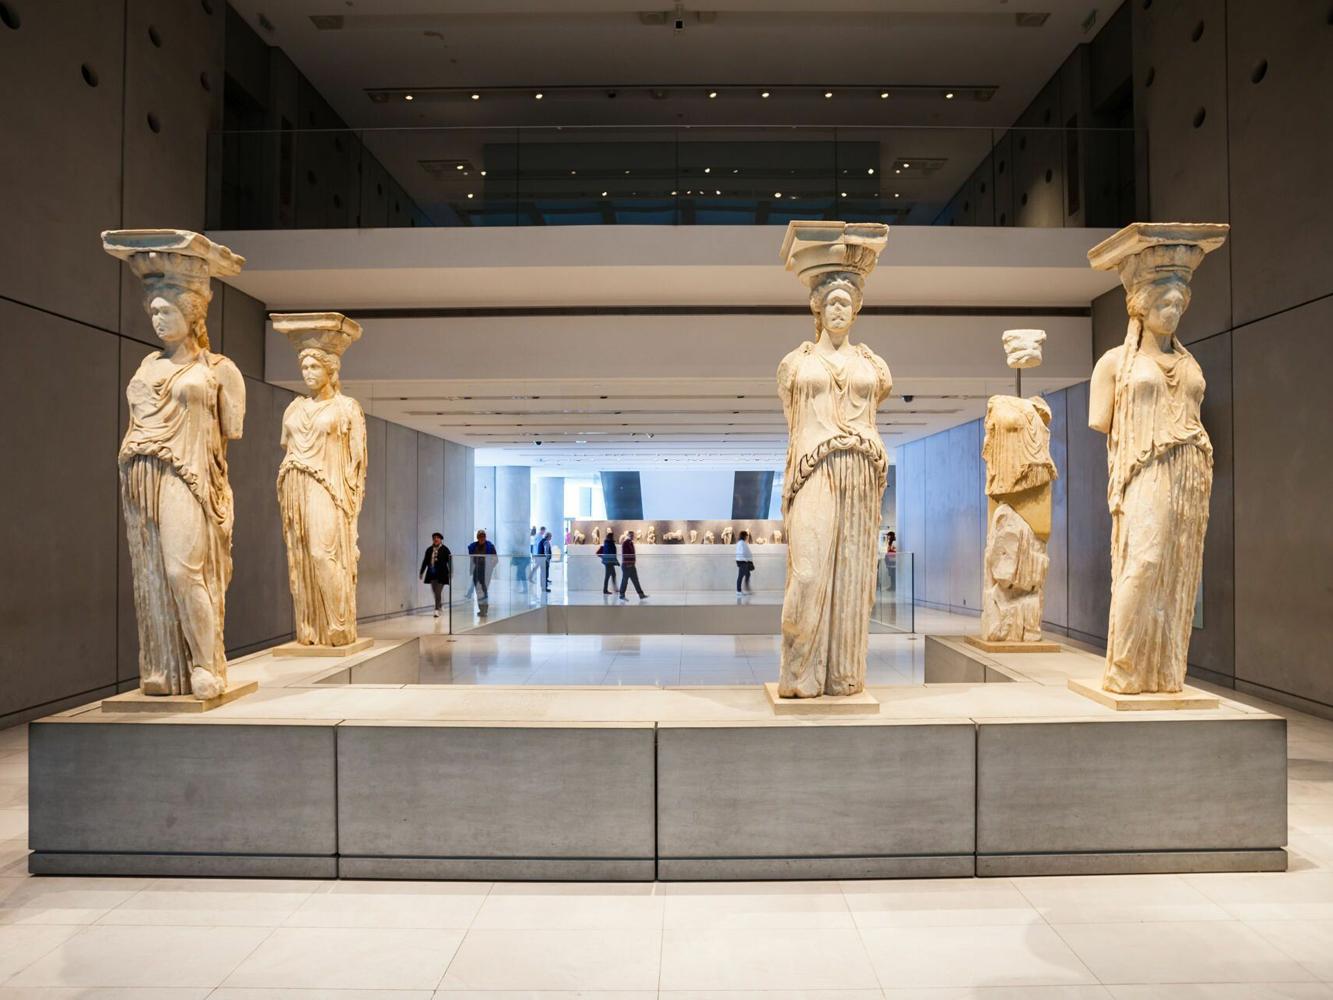 Μουσείο Ακρόπολης: Εκδηλώσεις για την πανσέληνο Αυγούστου